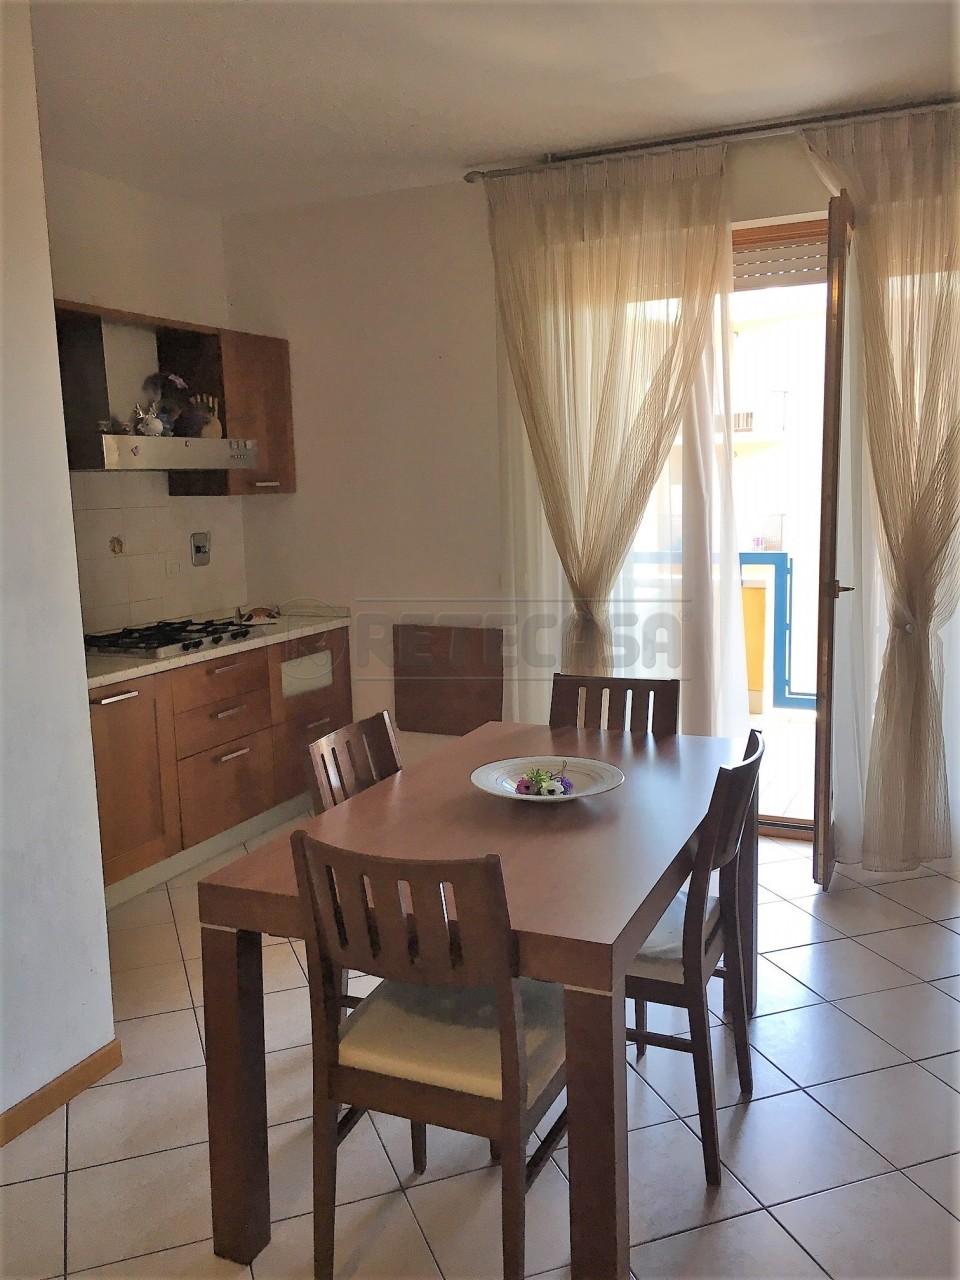 Appartamento - Quadrilocale a San Mariano, Corciano